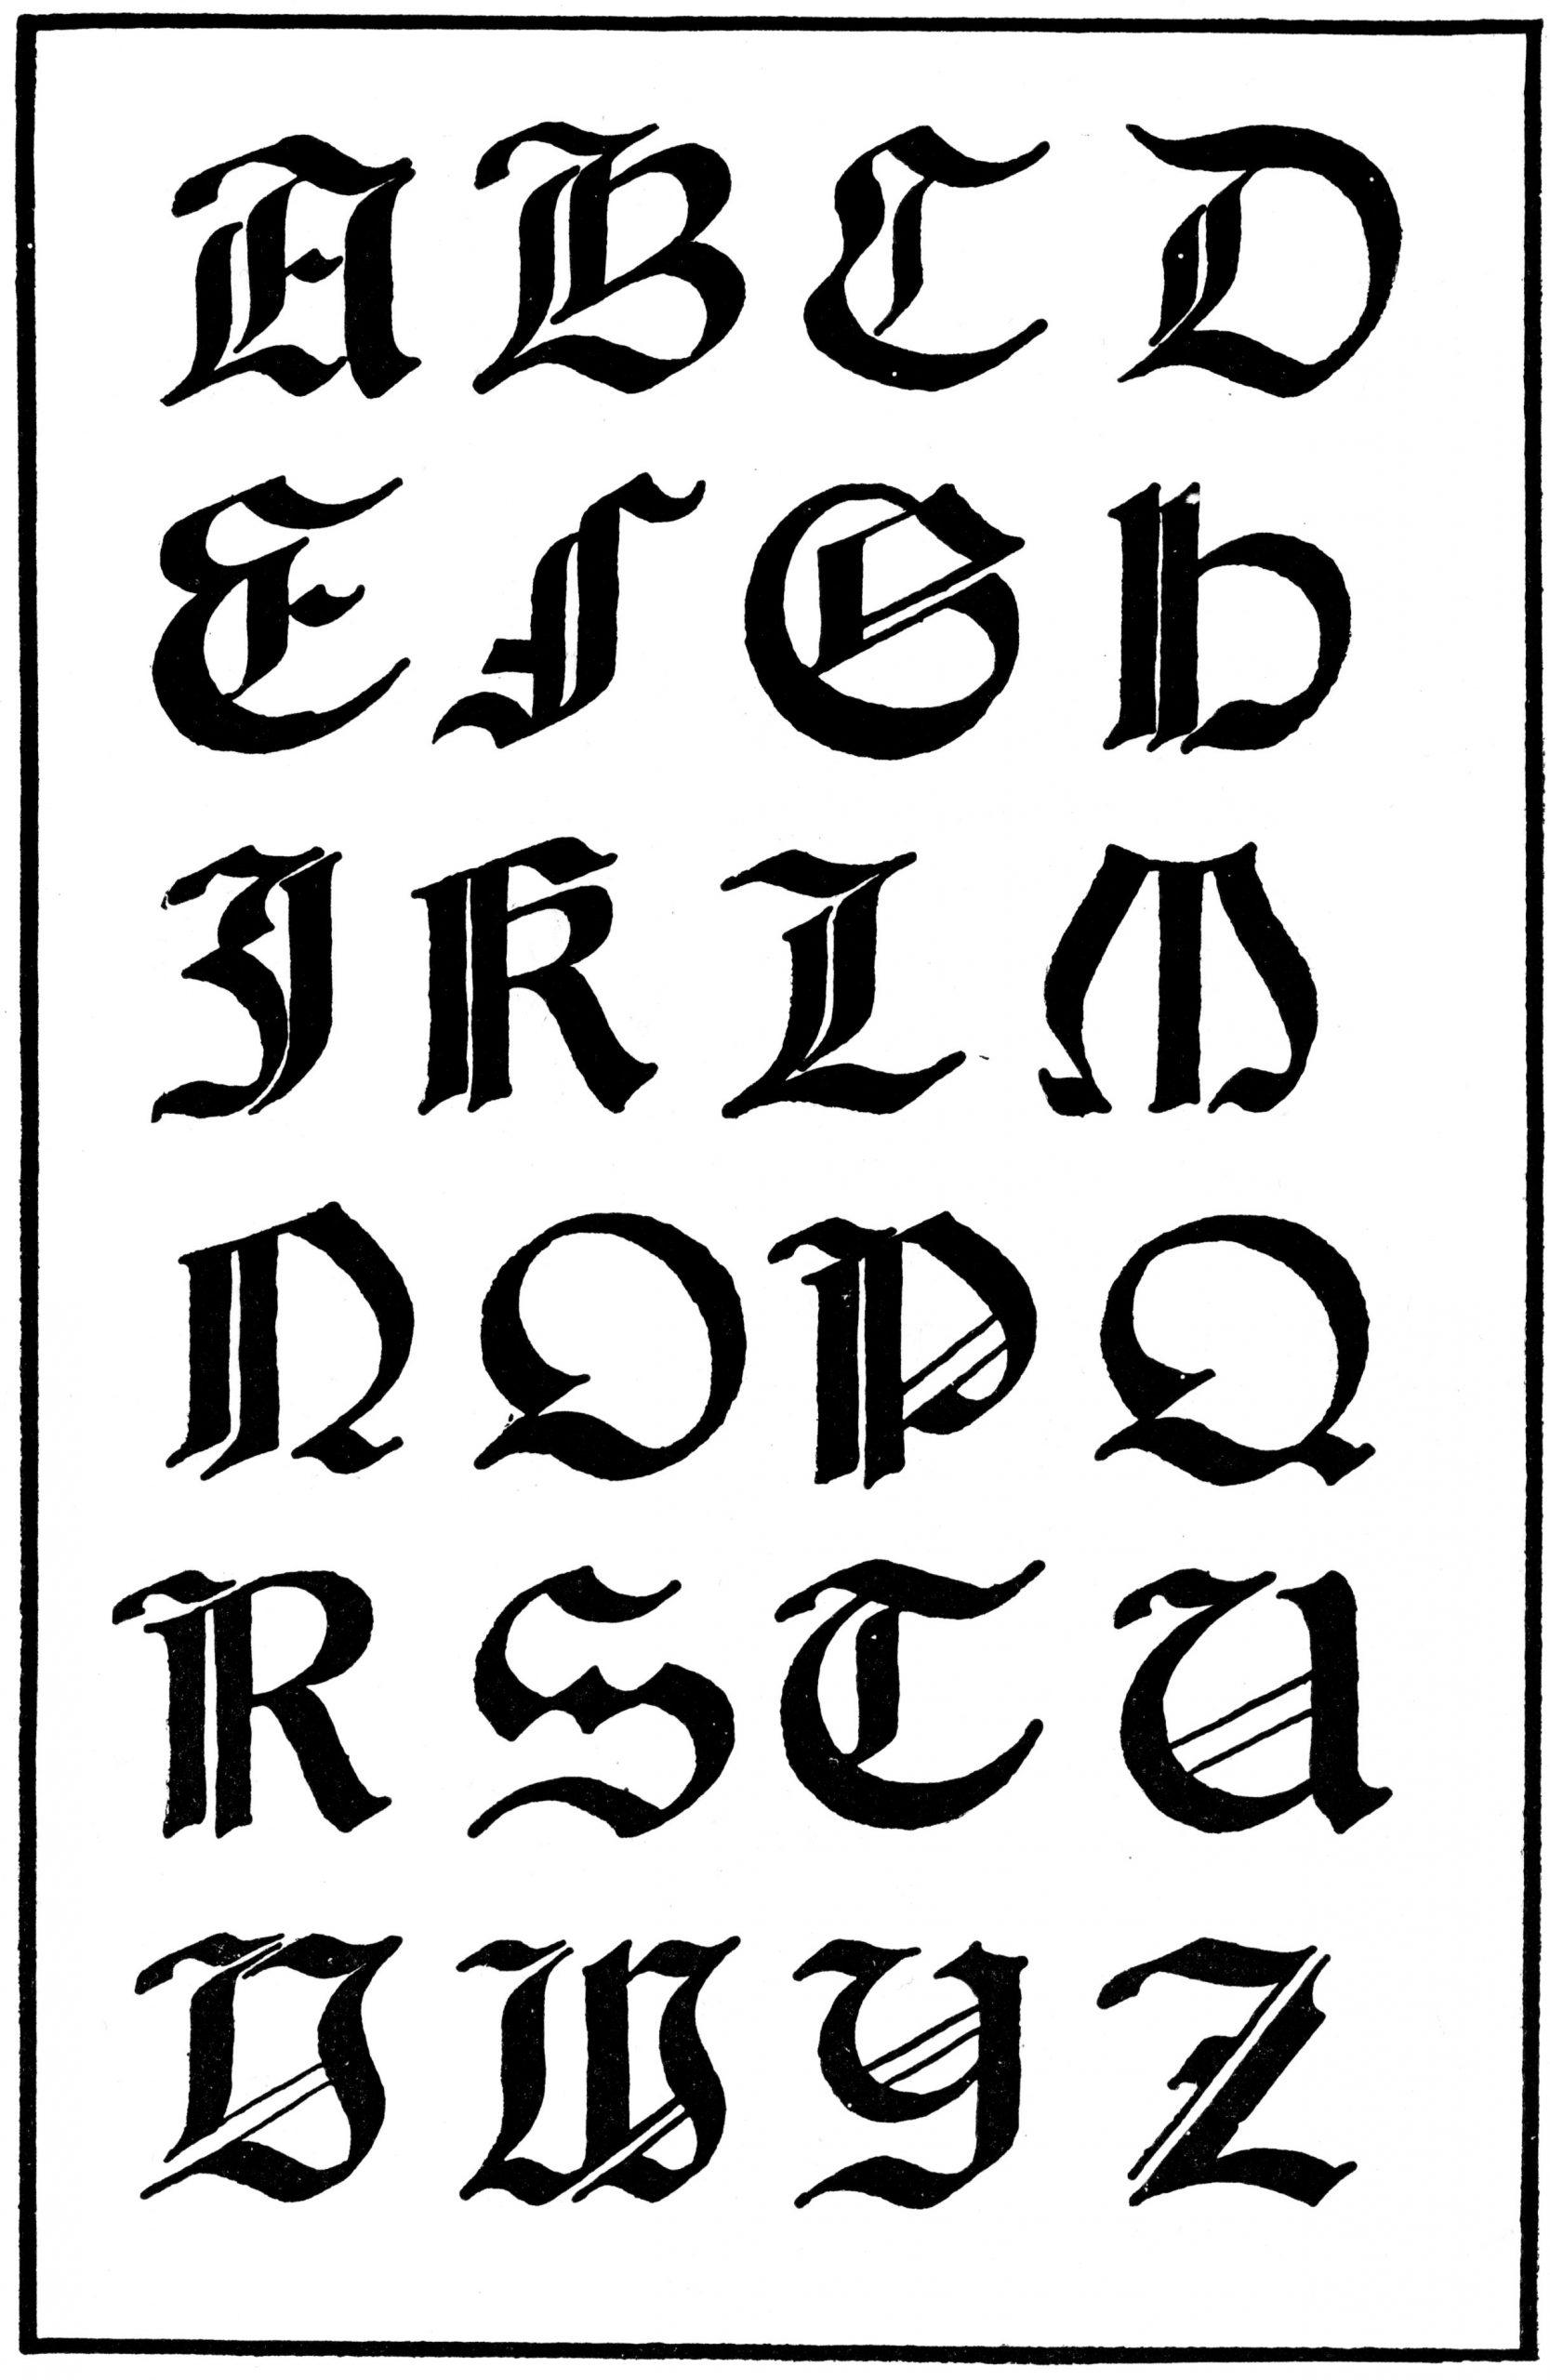 Letras góticas | Caligrafía gótica, abecedario en (mayúsculas y ...